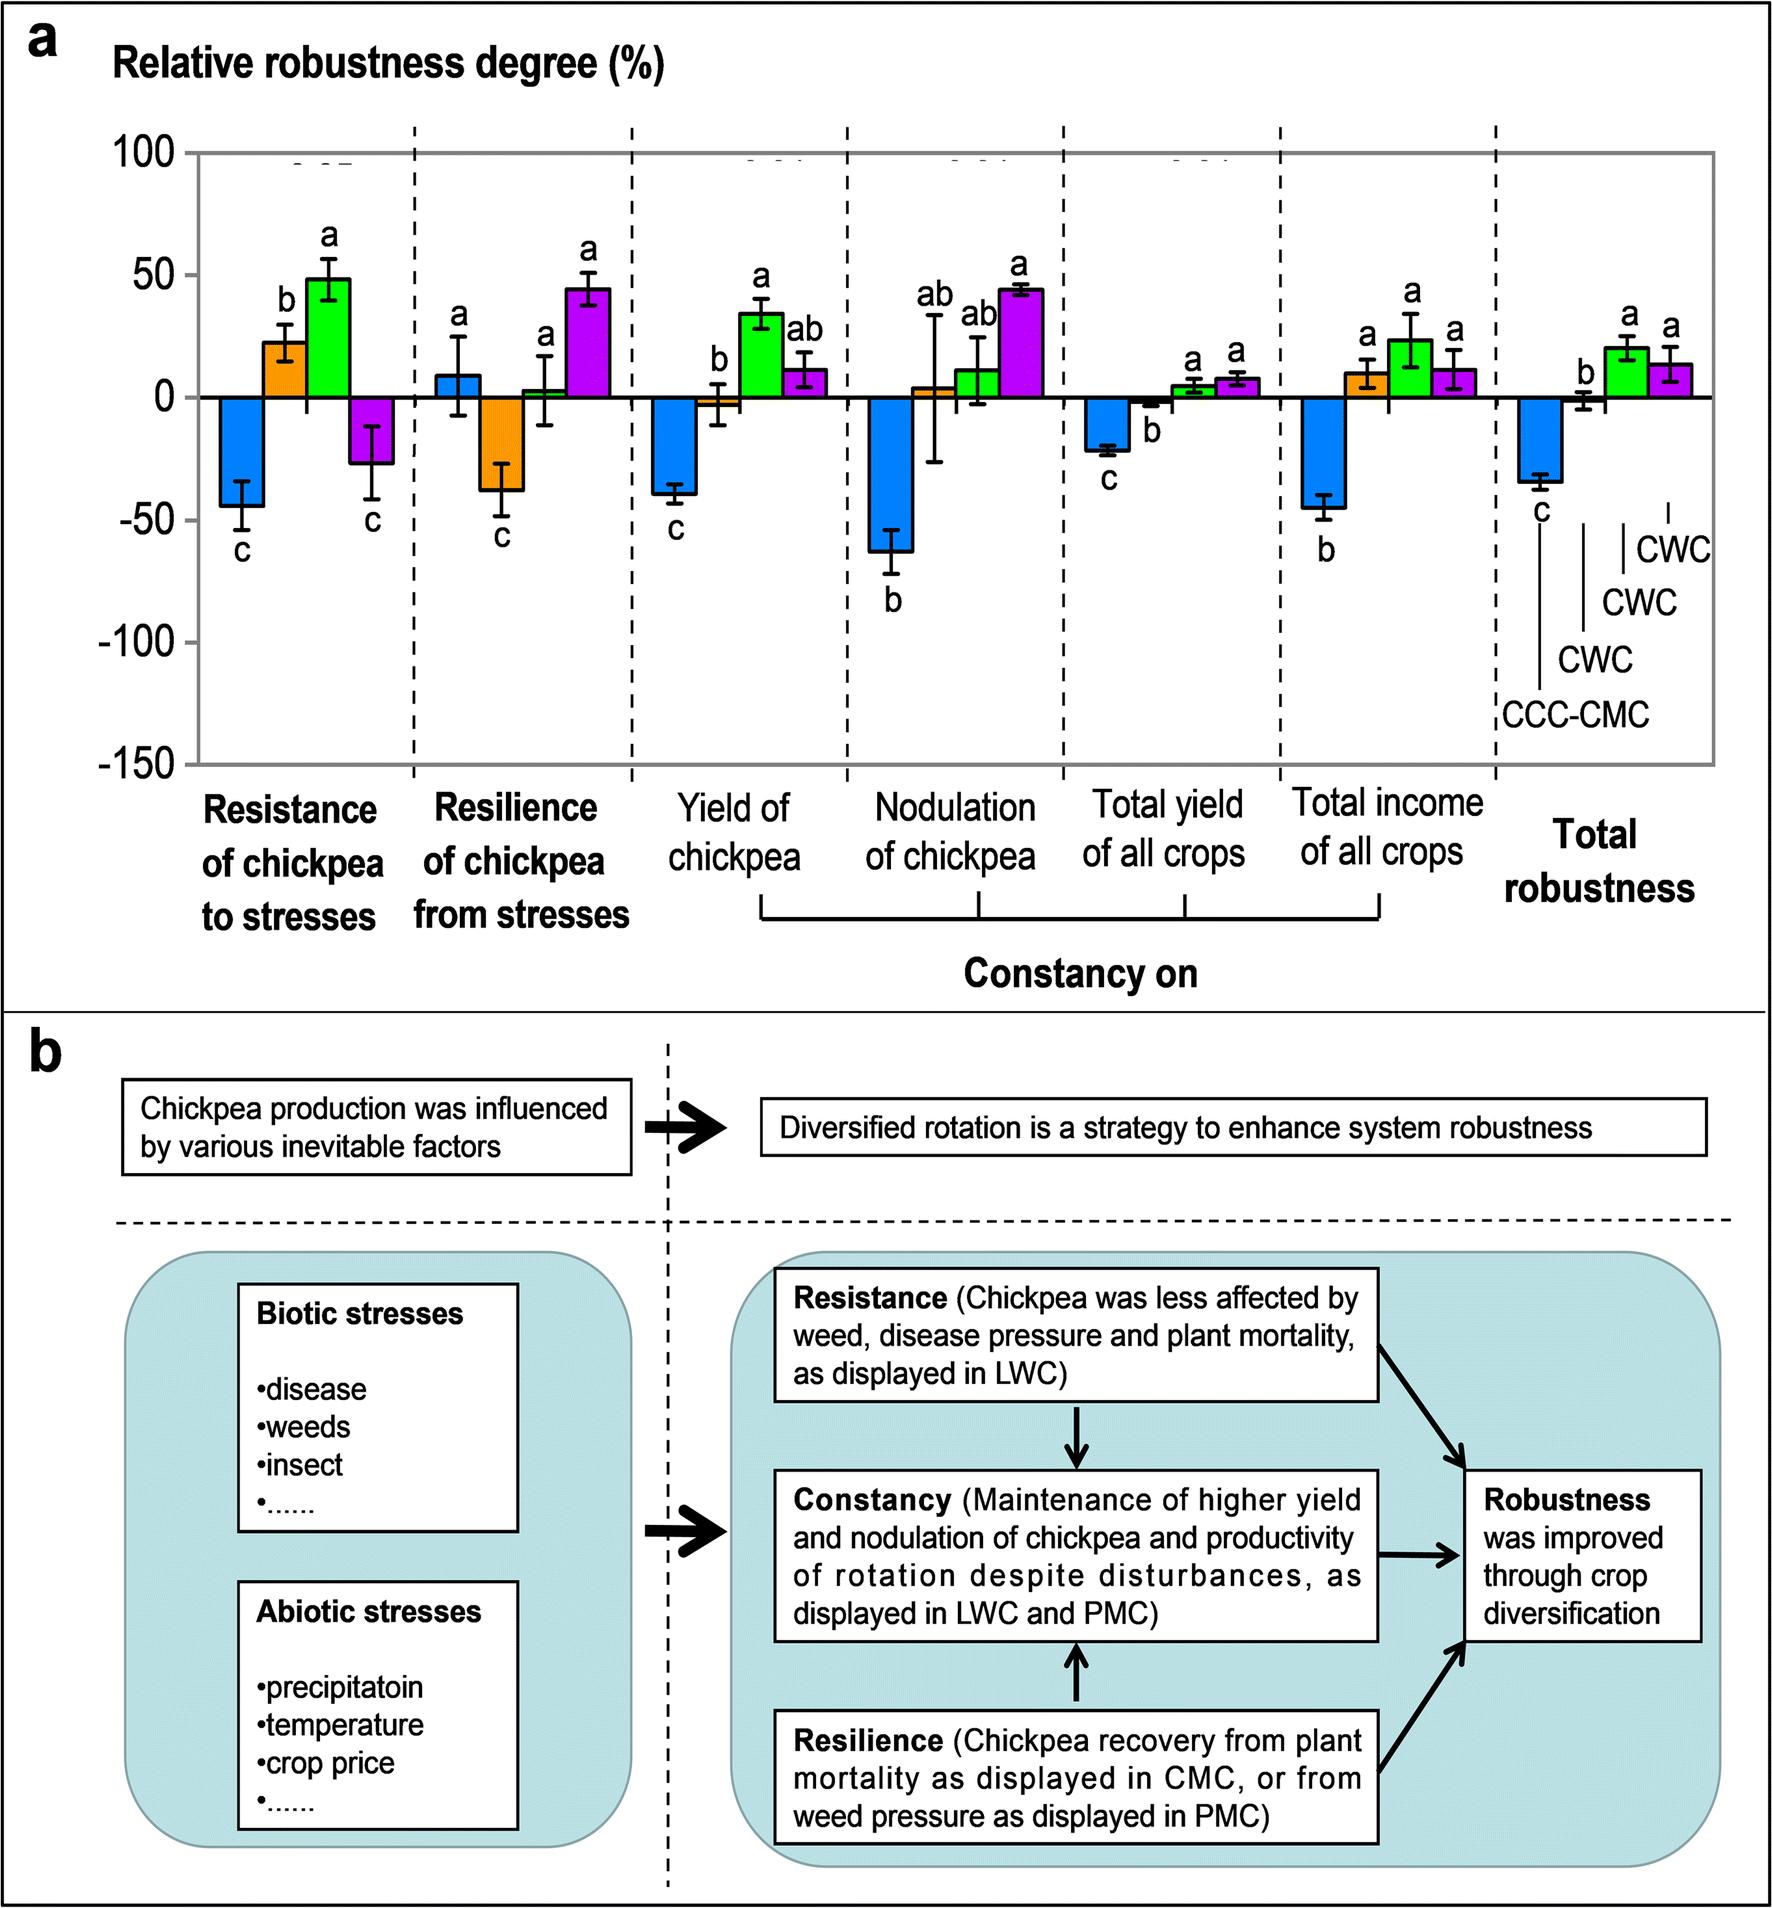 Diversifying crop rotation improves system robustness   SpringerLink